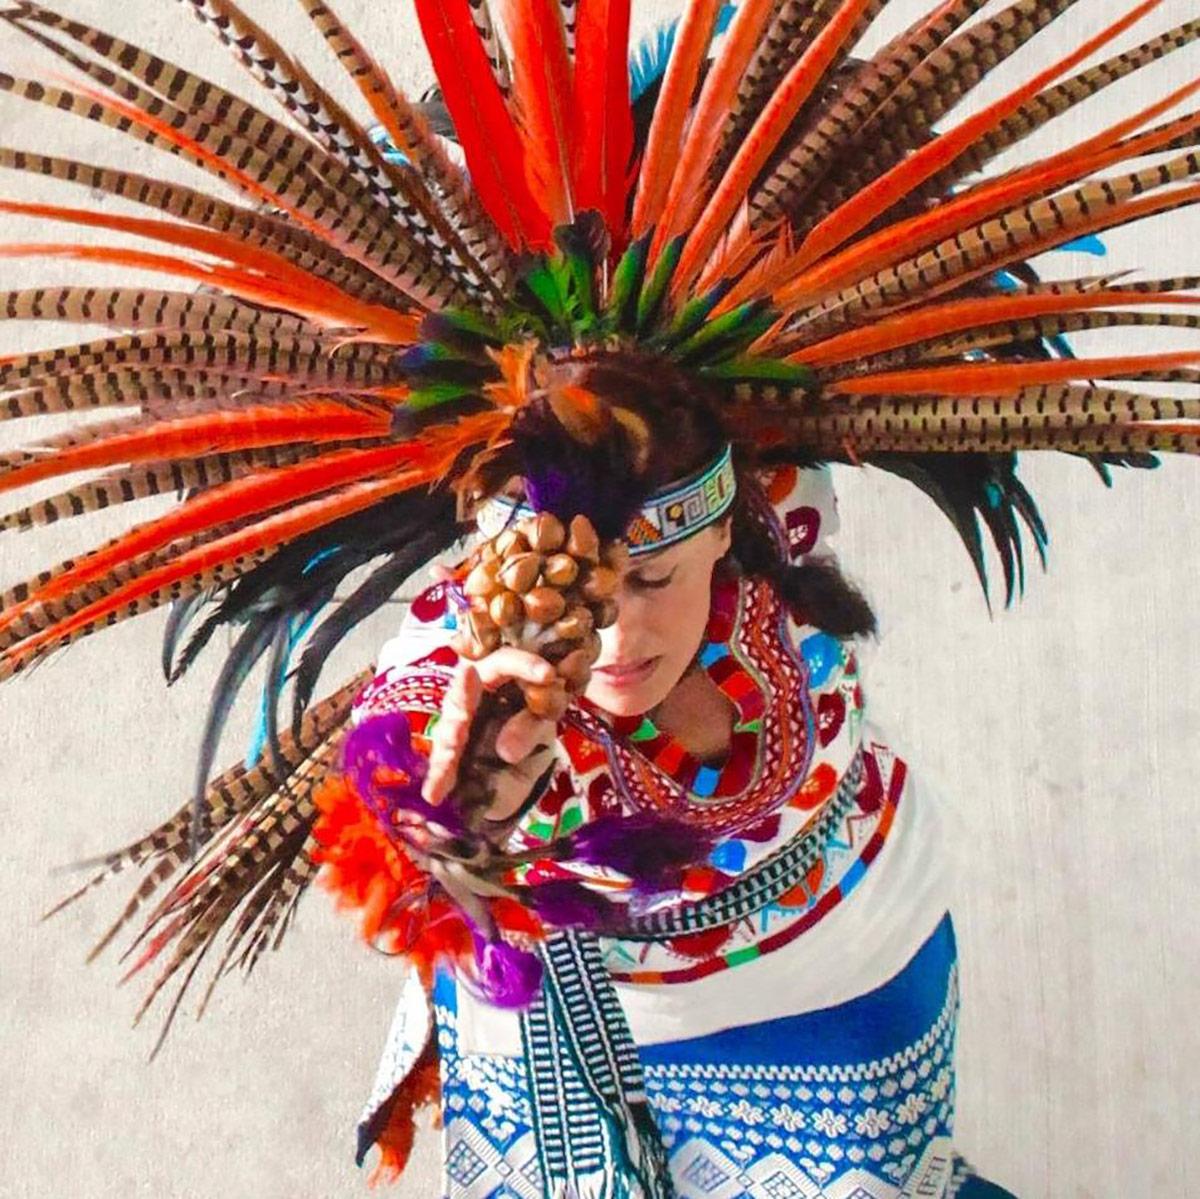 Veronica Valadez dances   Courtesy of Veronica Valadez